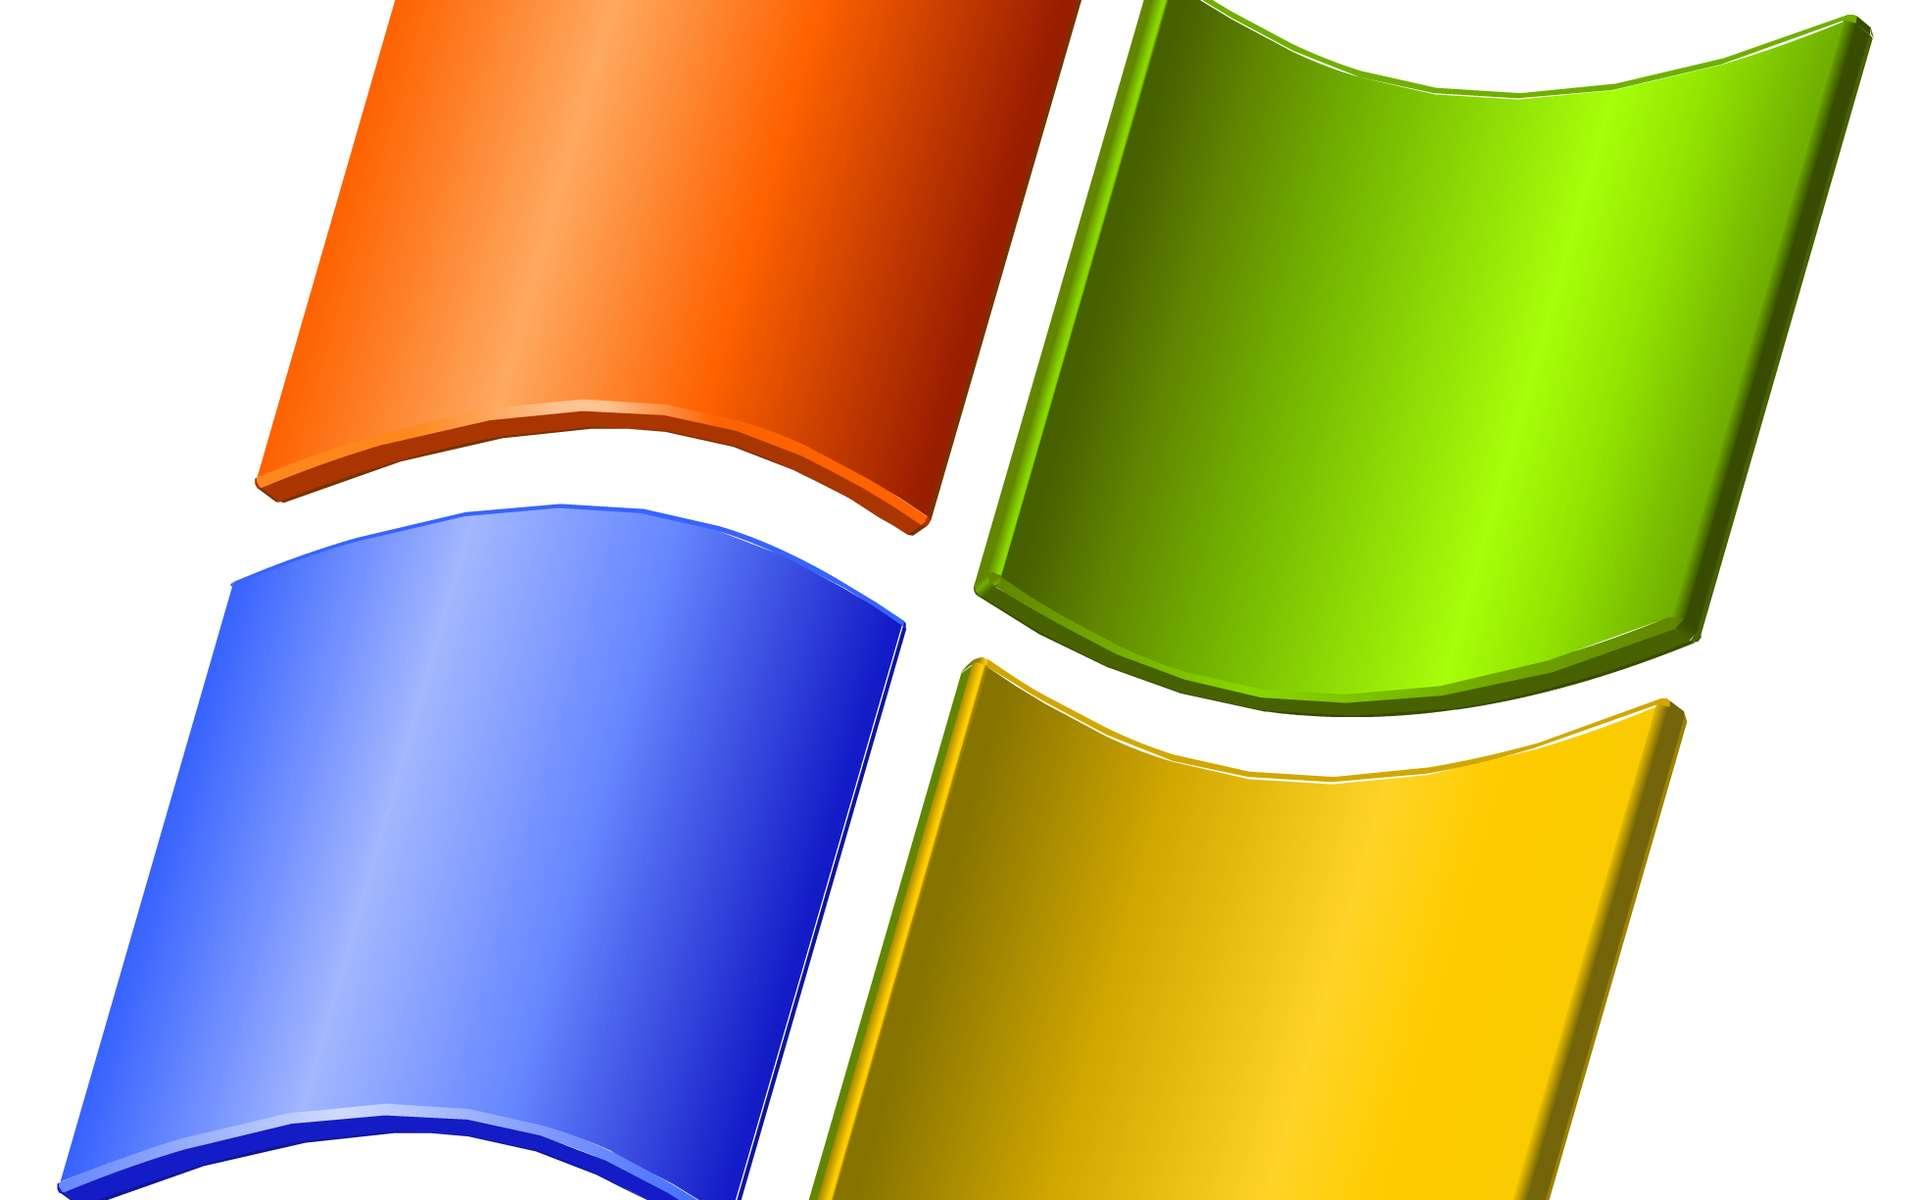 Le 14 juillet, grand bal des correctifs pour Windows.